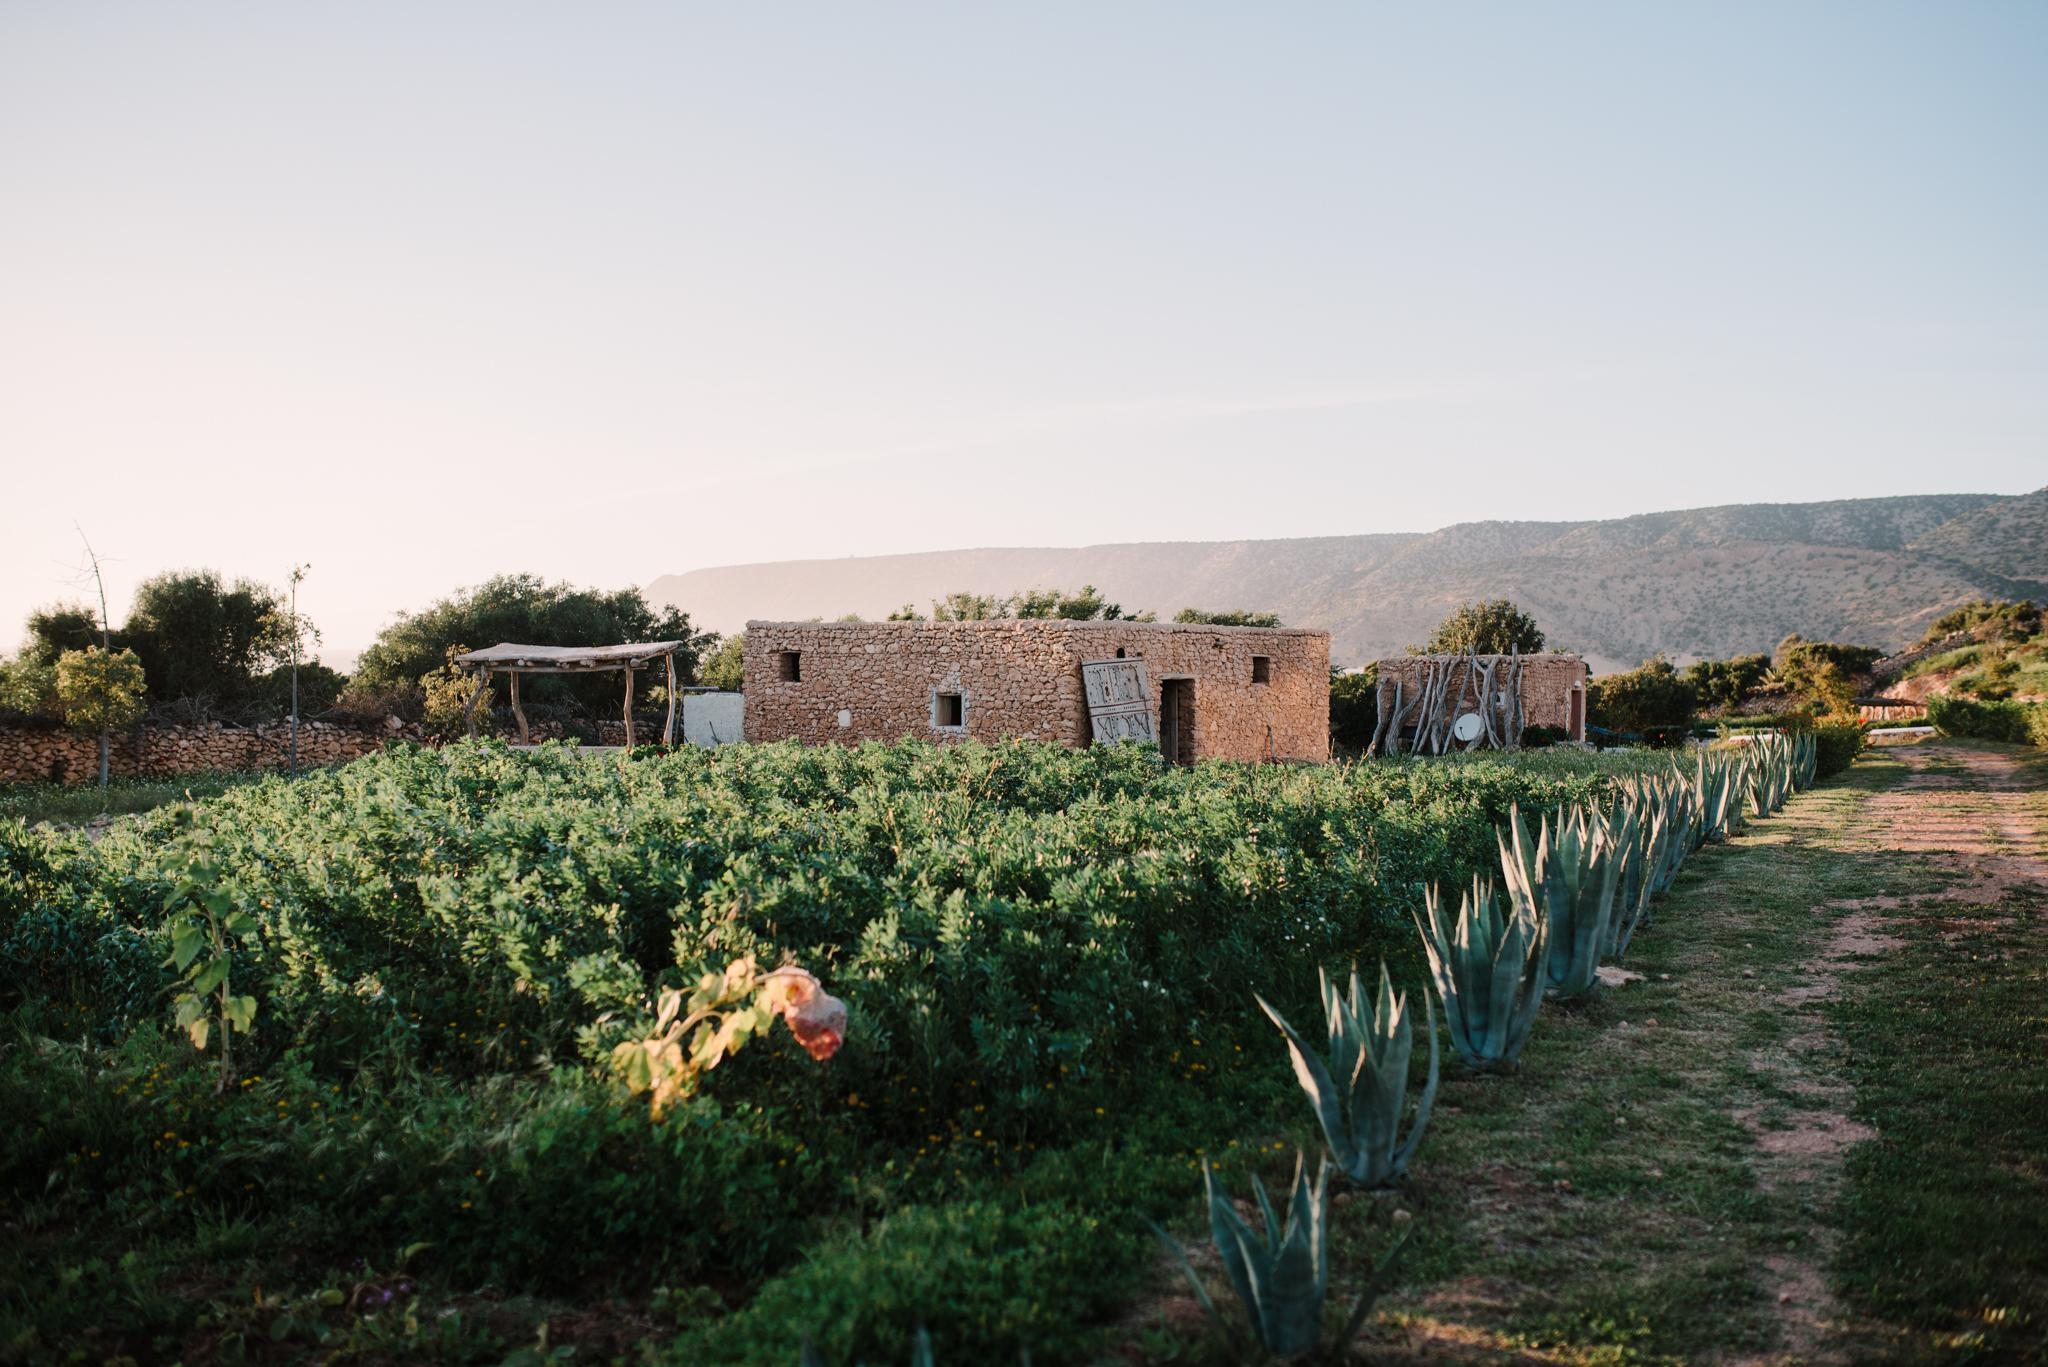 Anoukfotografeert Marokko reis-452